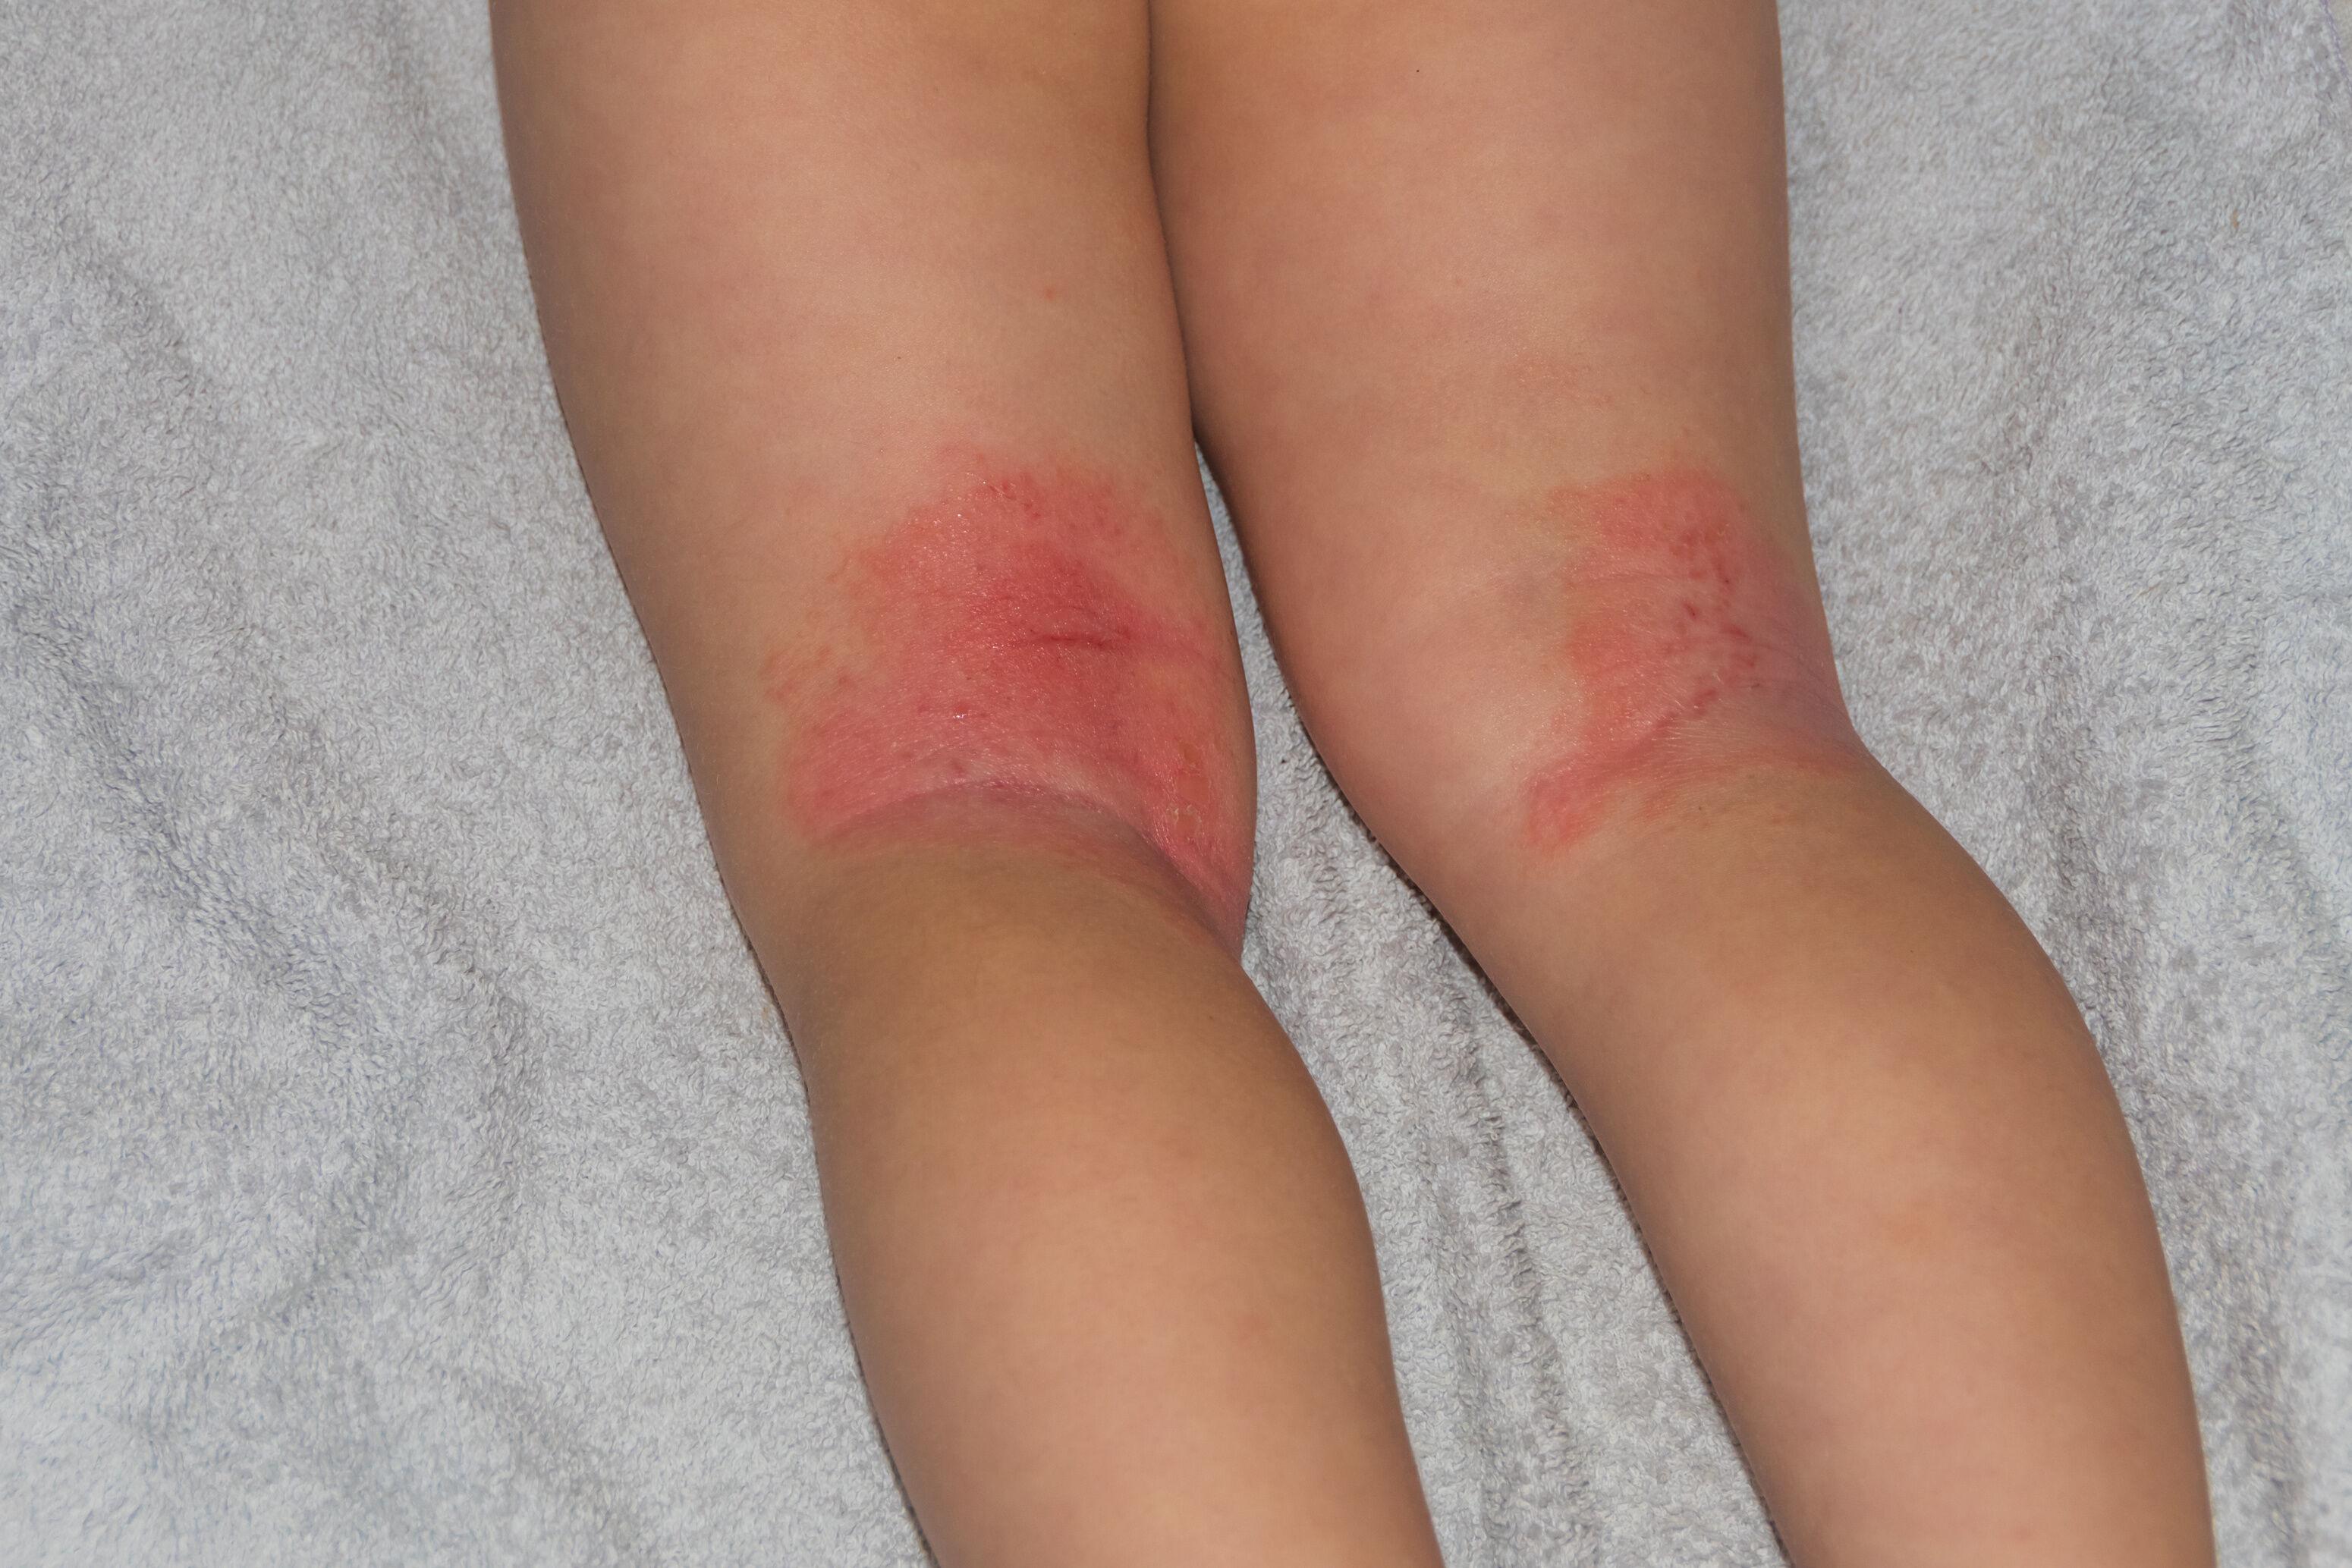 Children's dermatitis